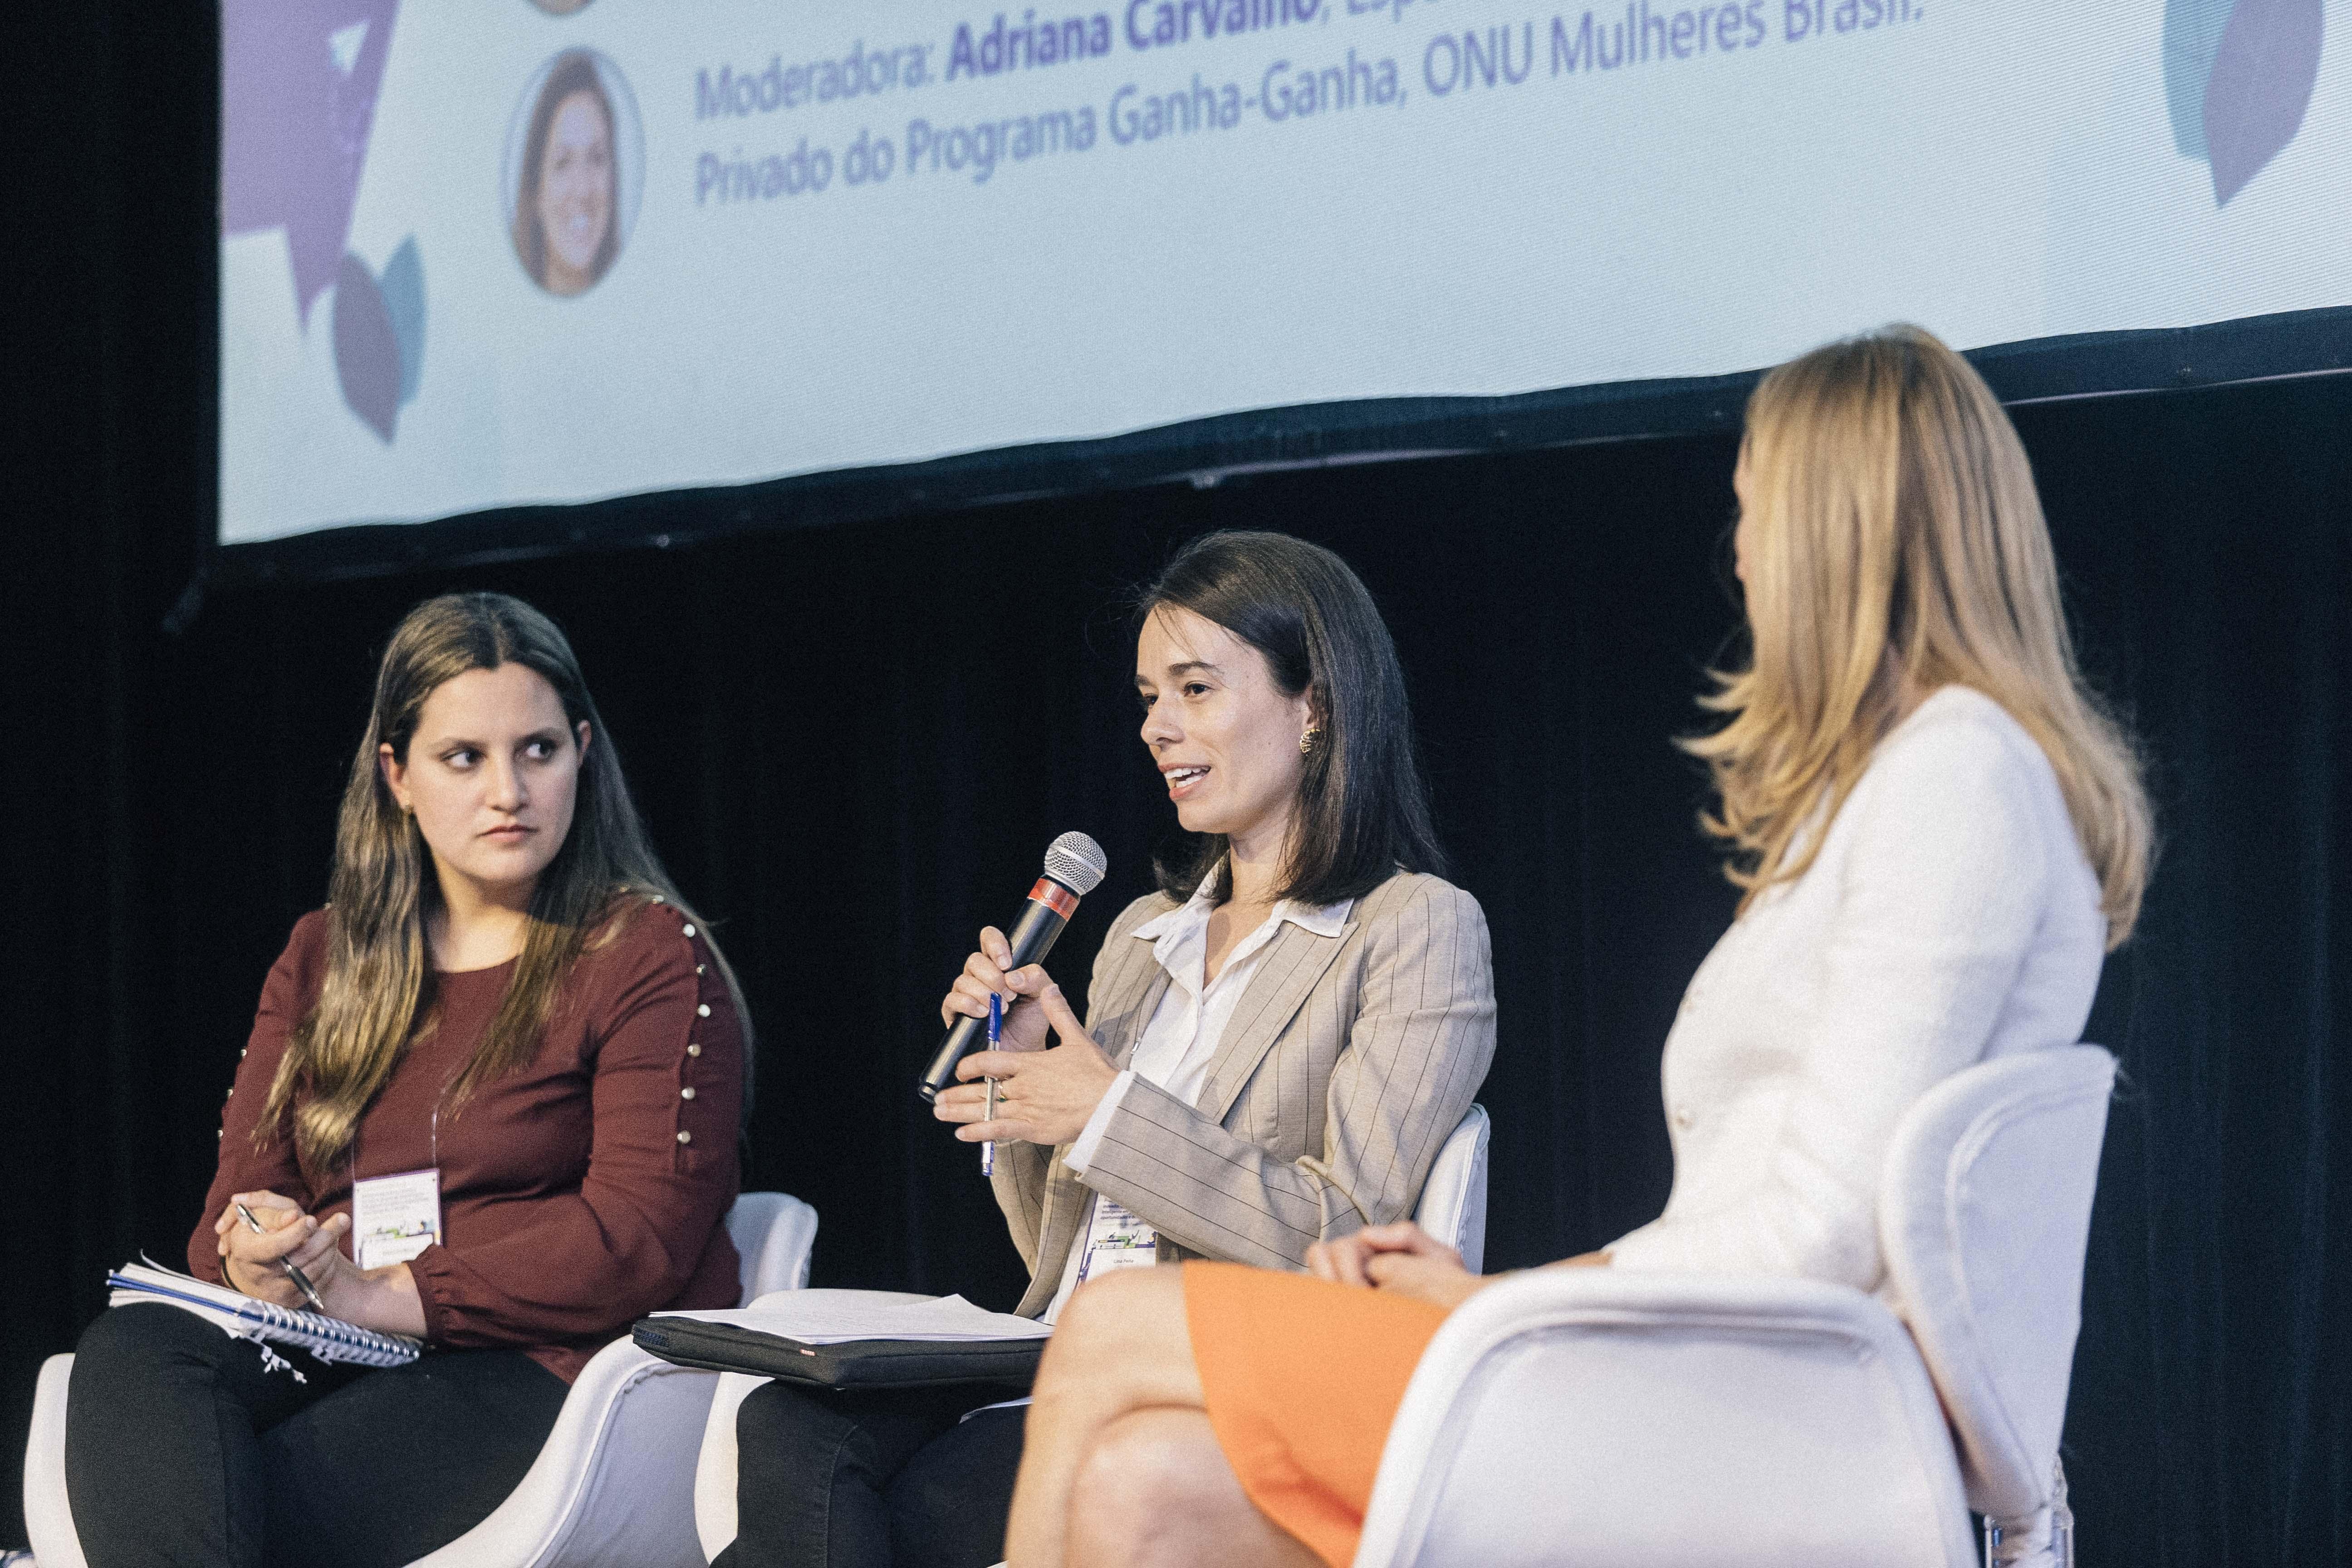 """""""Somente 8% dos investimentos financeiros são destinados ao empreendedorismo das mulheres"""", destacam ONU Mulheres, OIT e União Europeia/onu mulheres noticias igualdade de genero ganha ganha empoderamento economico"""